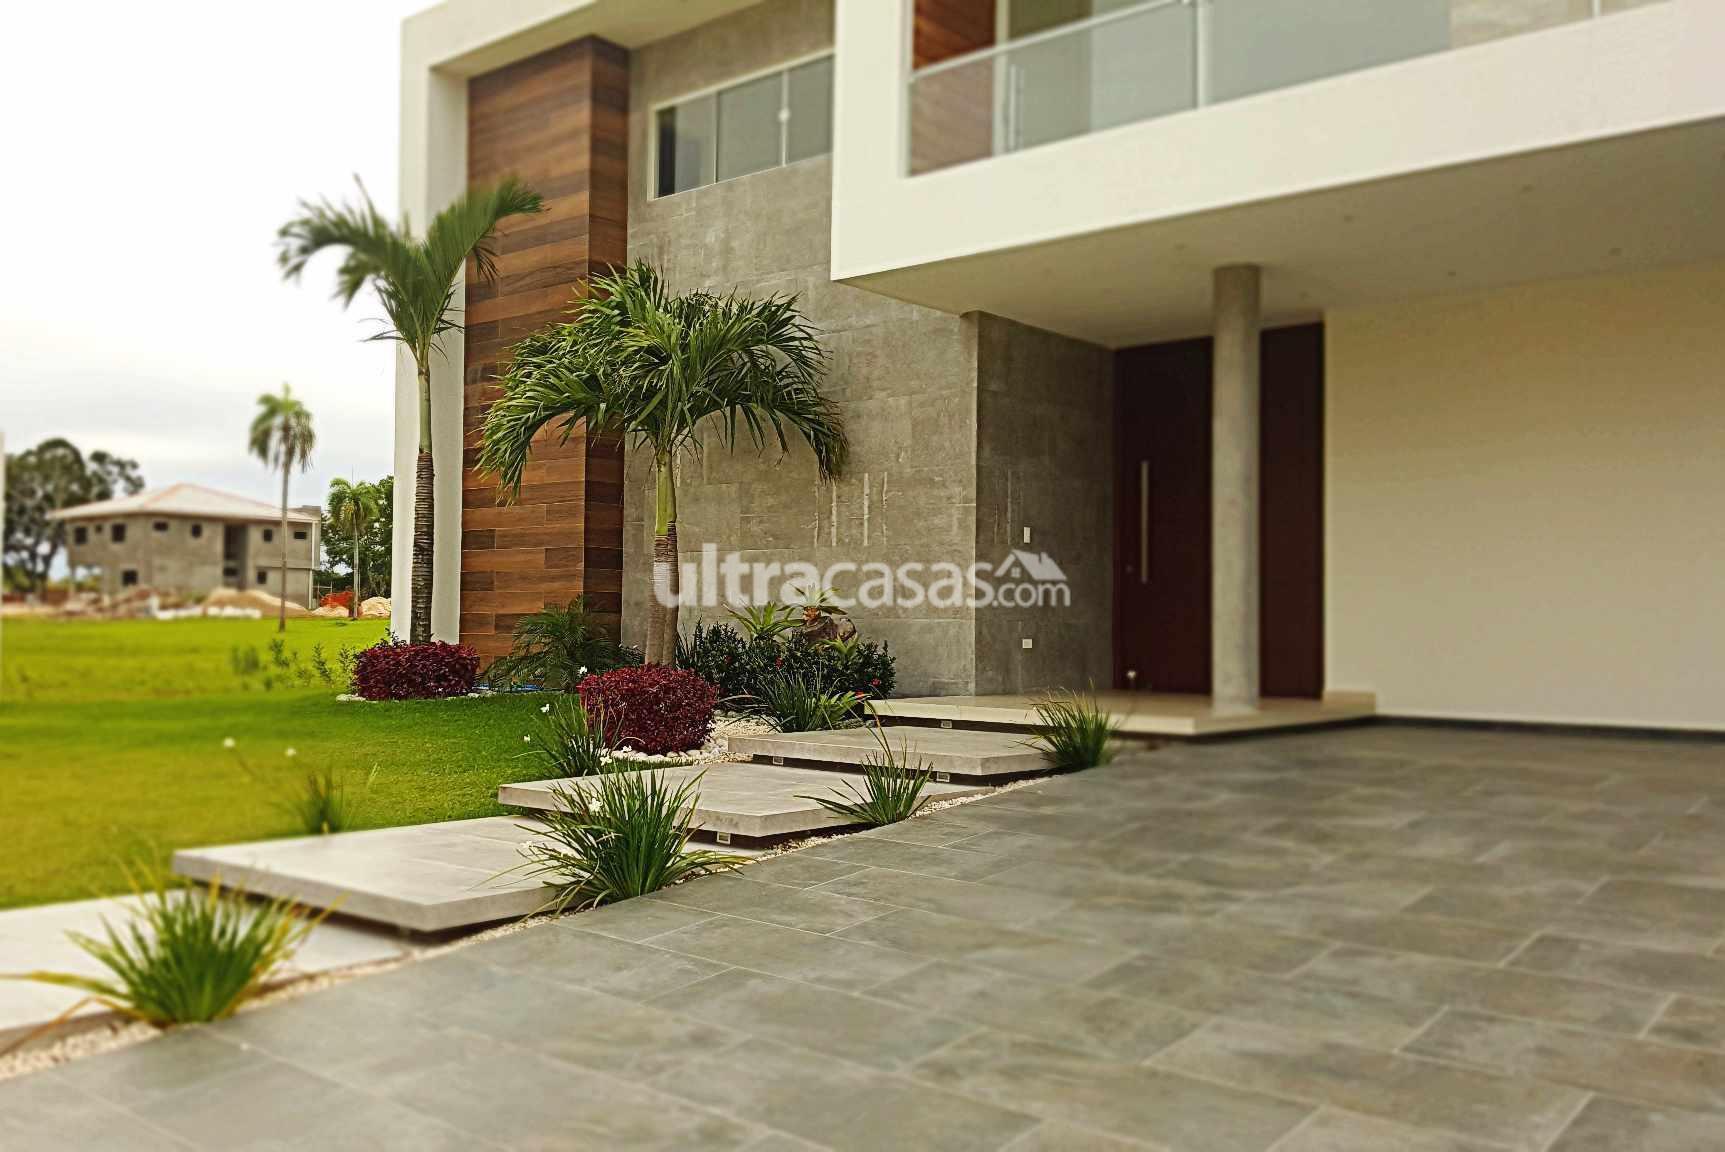 Casa en Venta Urubó  Foto 8